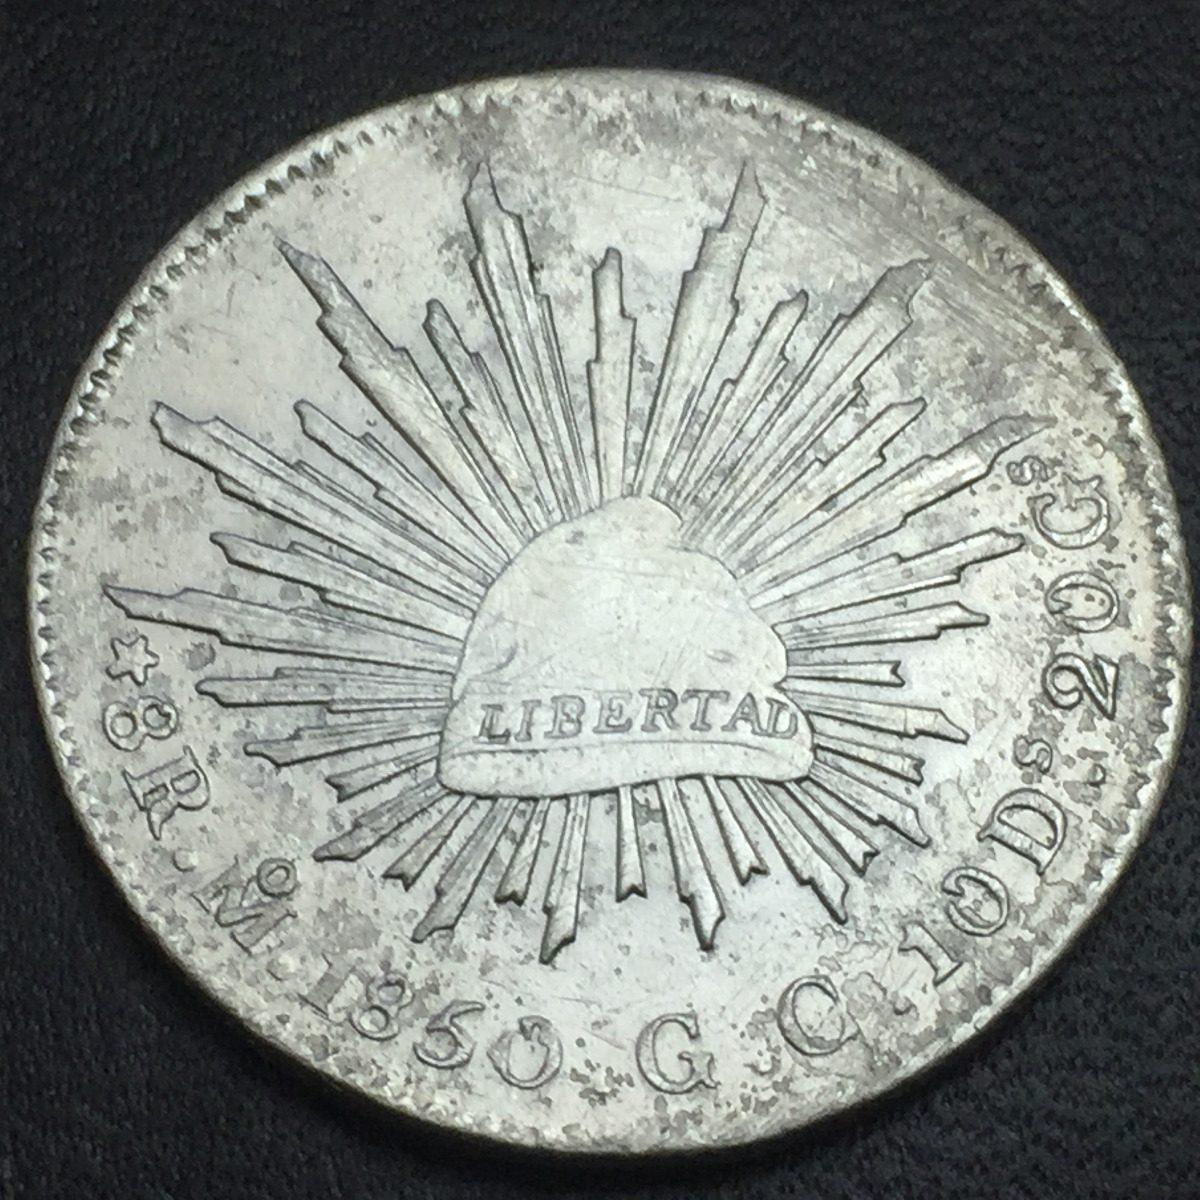 7688de54f731 moneda republica 8 reales méxico 1850 gc plata bonito. Cargando zoom.